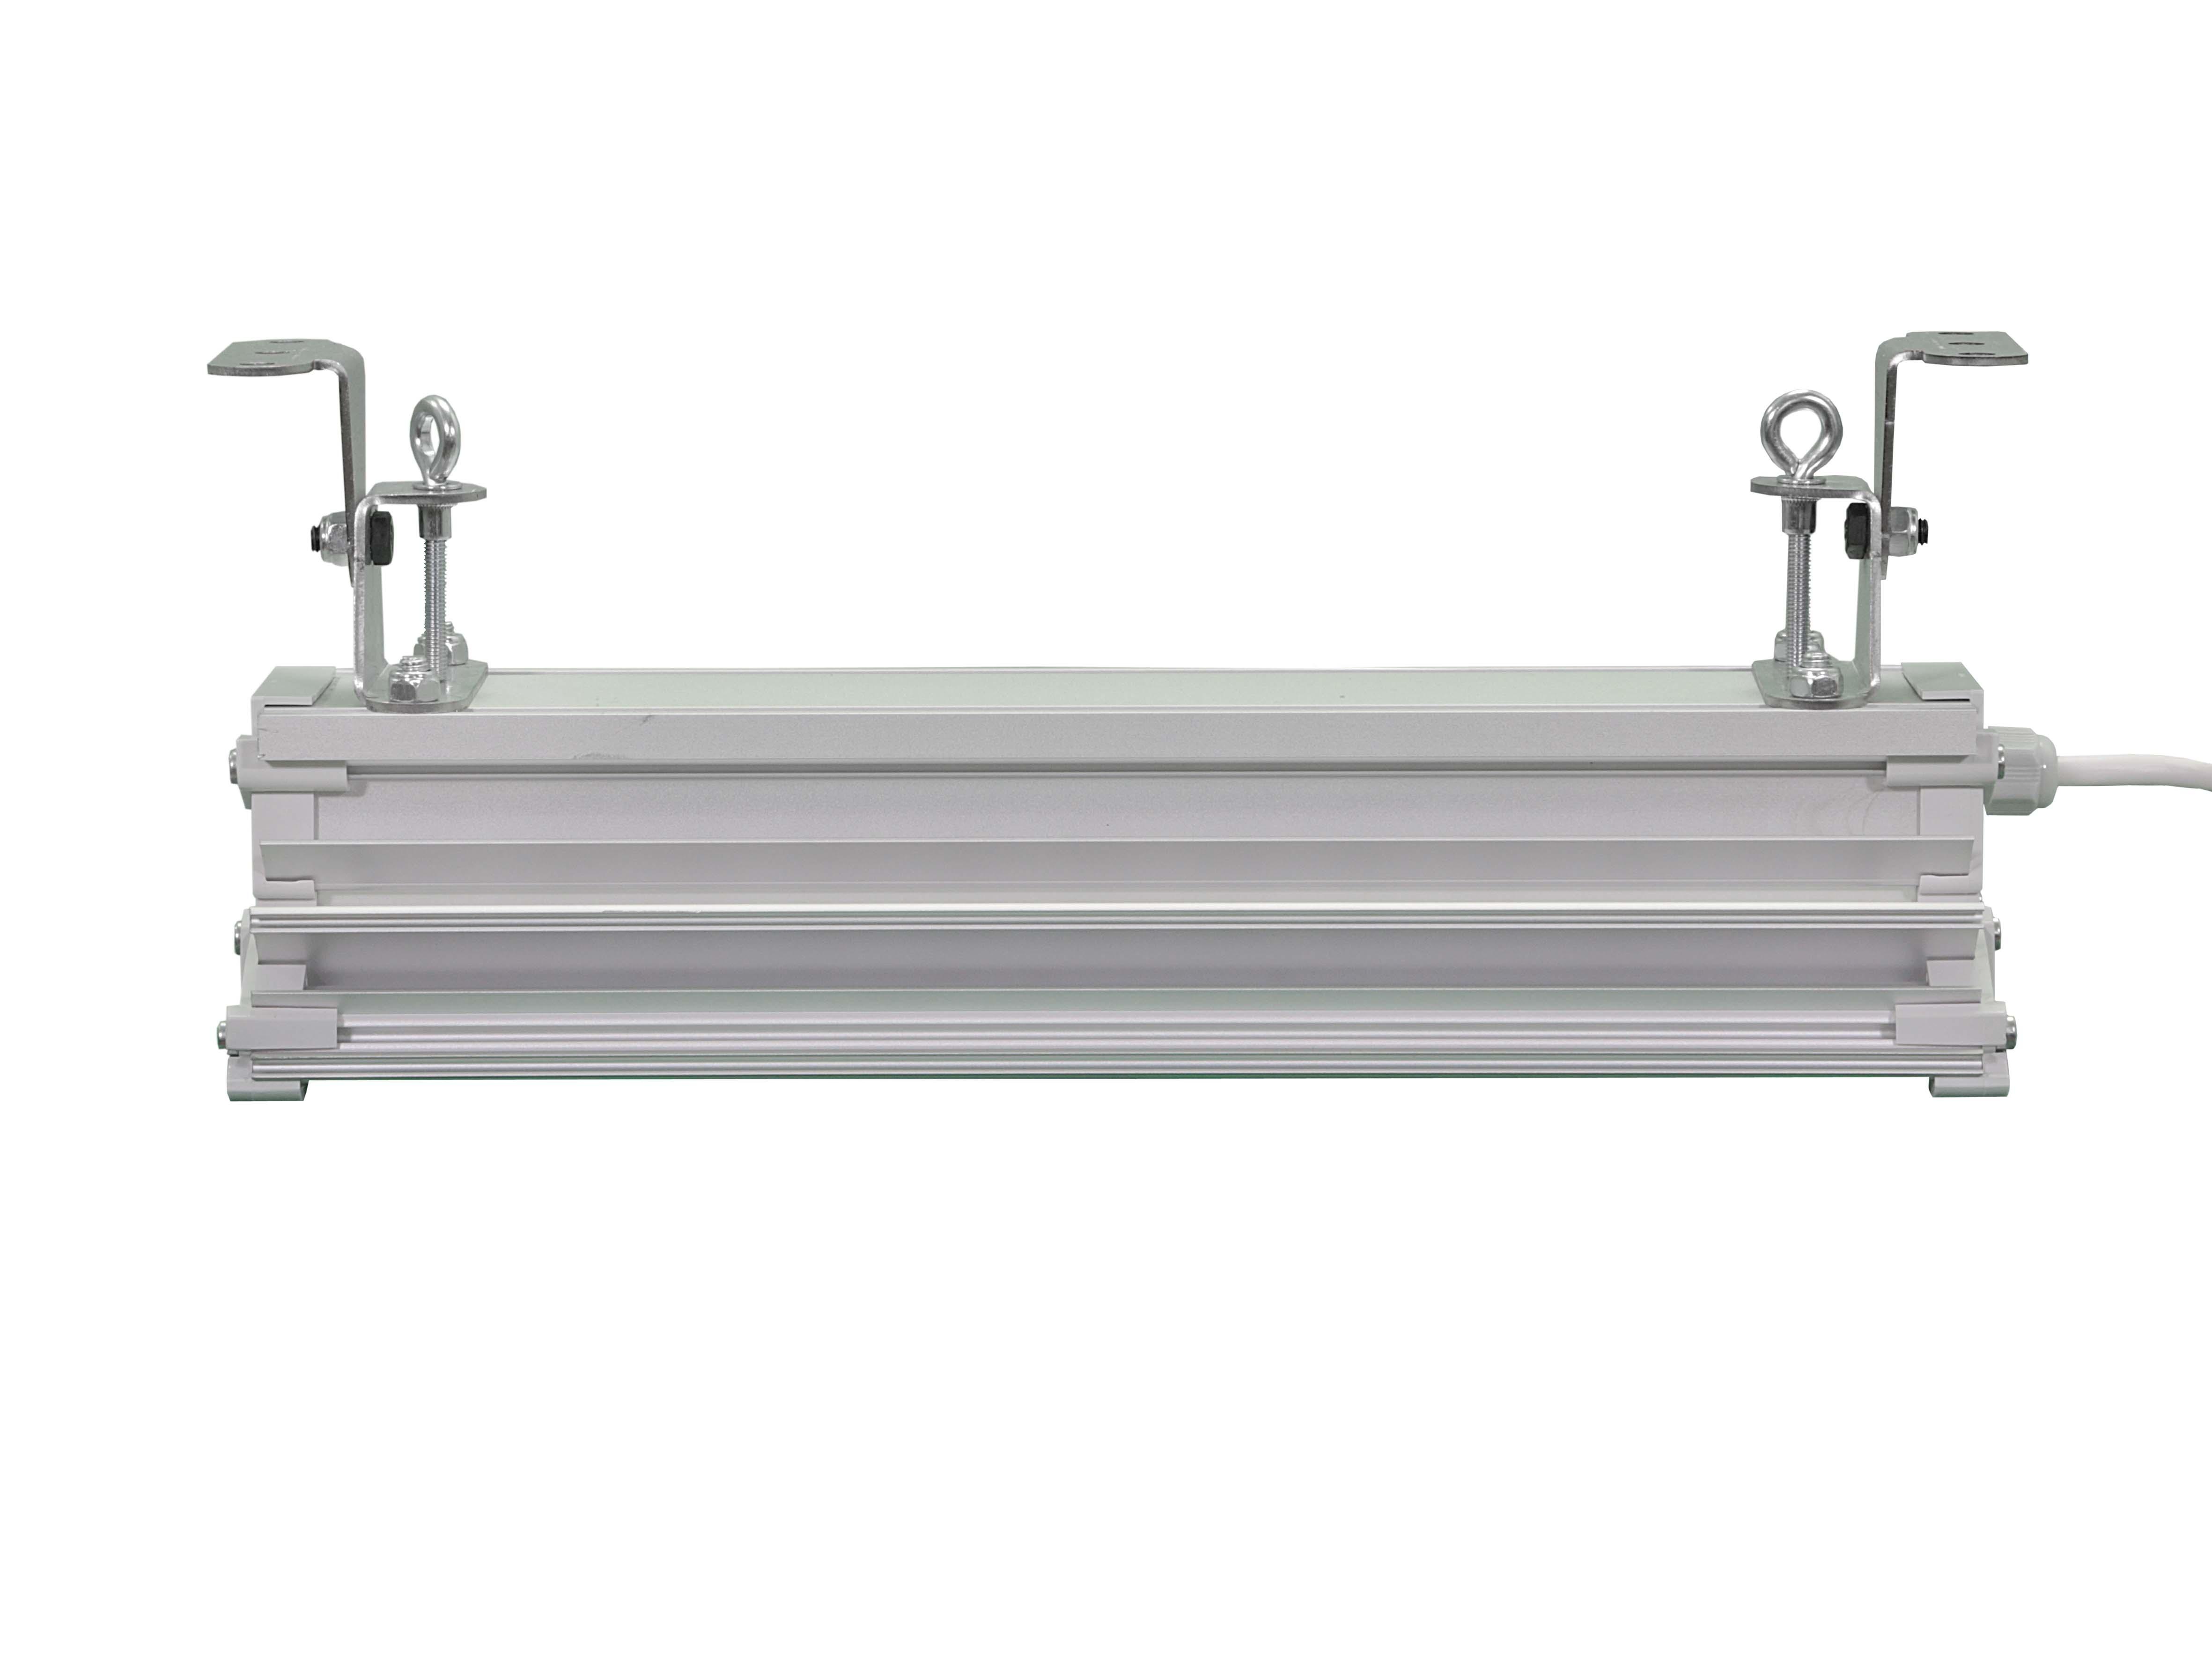 Промышленный светодиодный светильник ДСП Премиум-35 35Вт 4641Лм